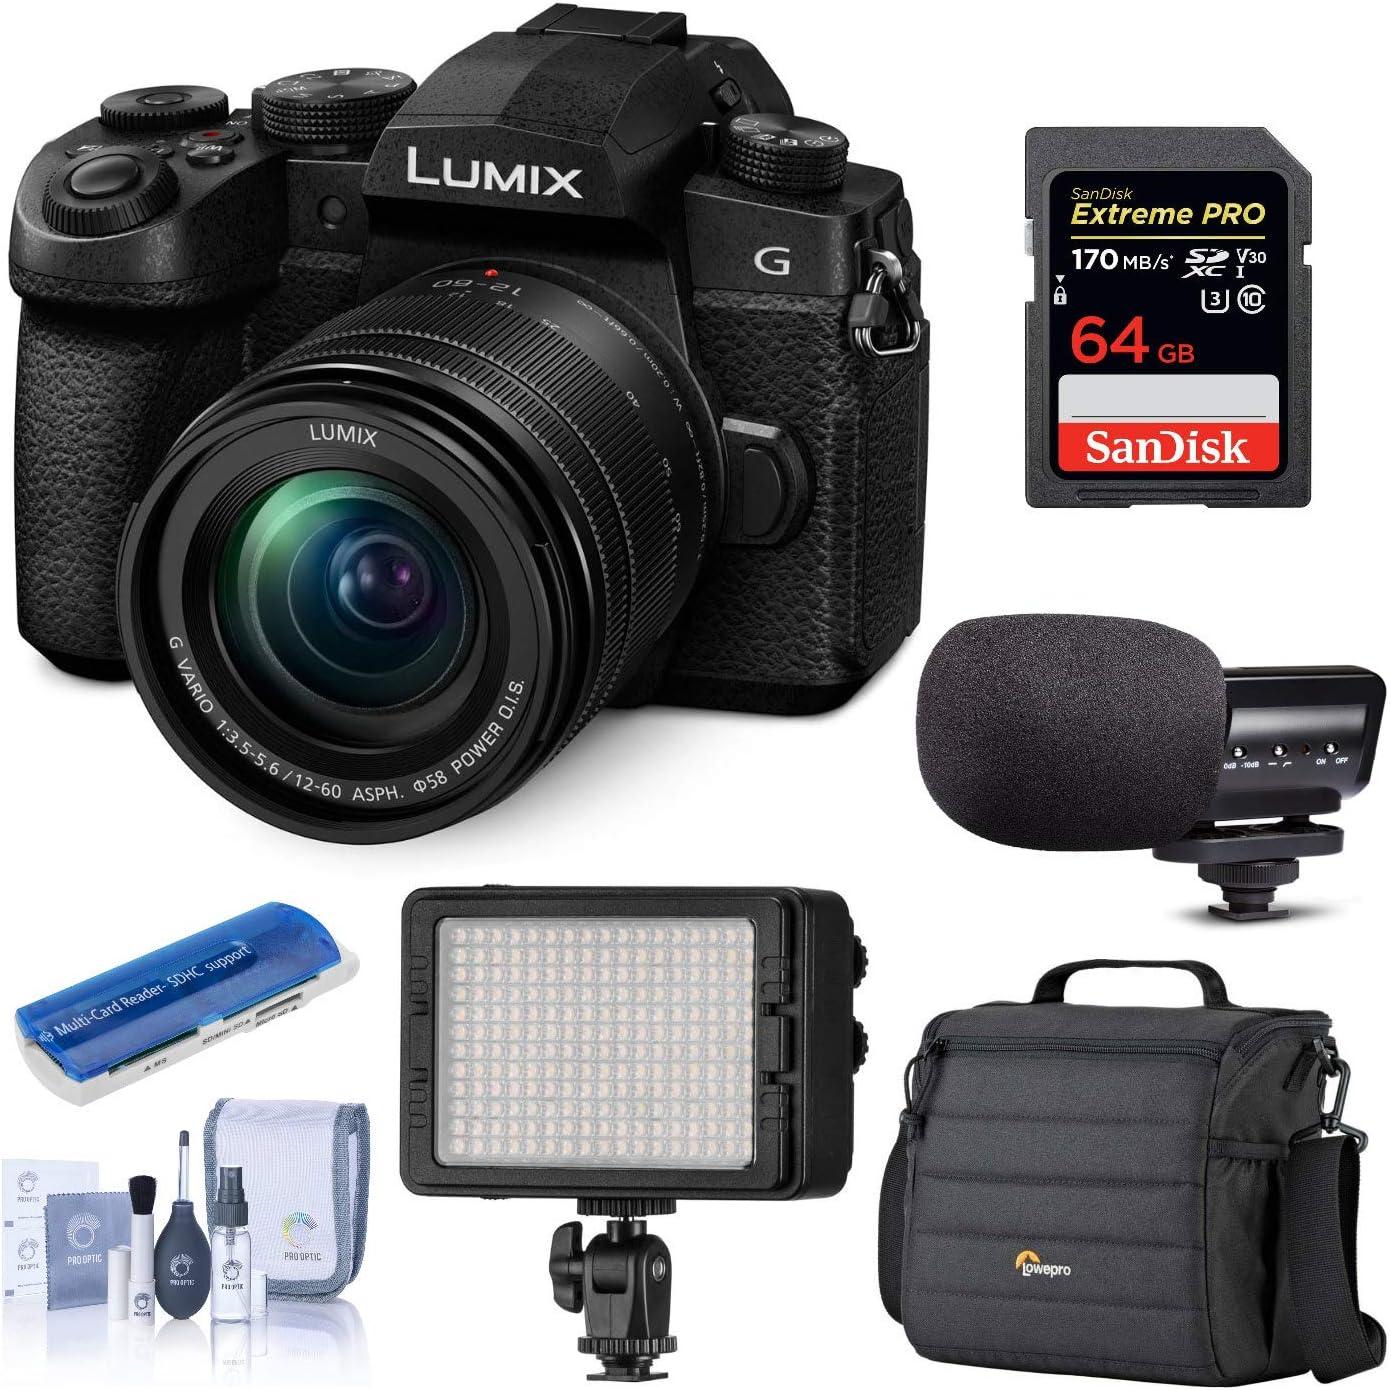 Panasonic LUMIX G95 20.3 Megapixel Ranking TOP3 Camera 12 Digital Mirrorless Surprise price